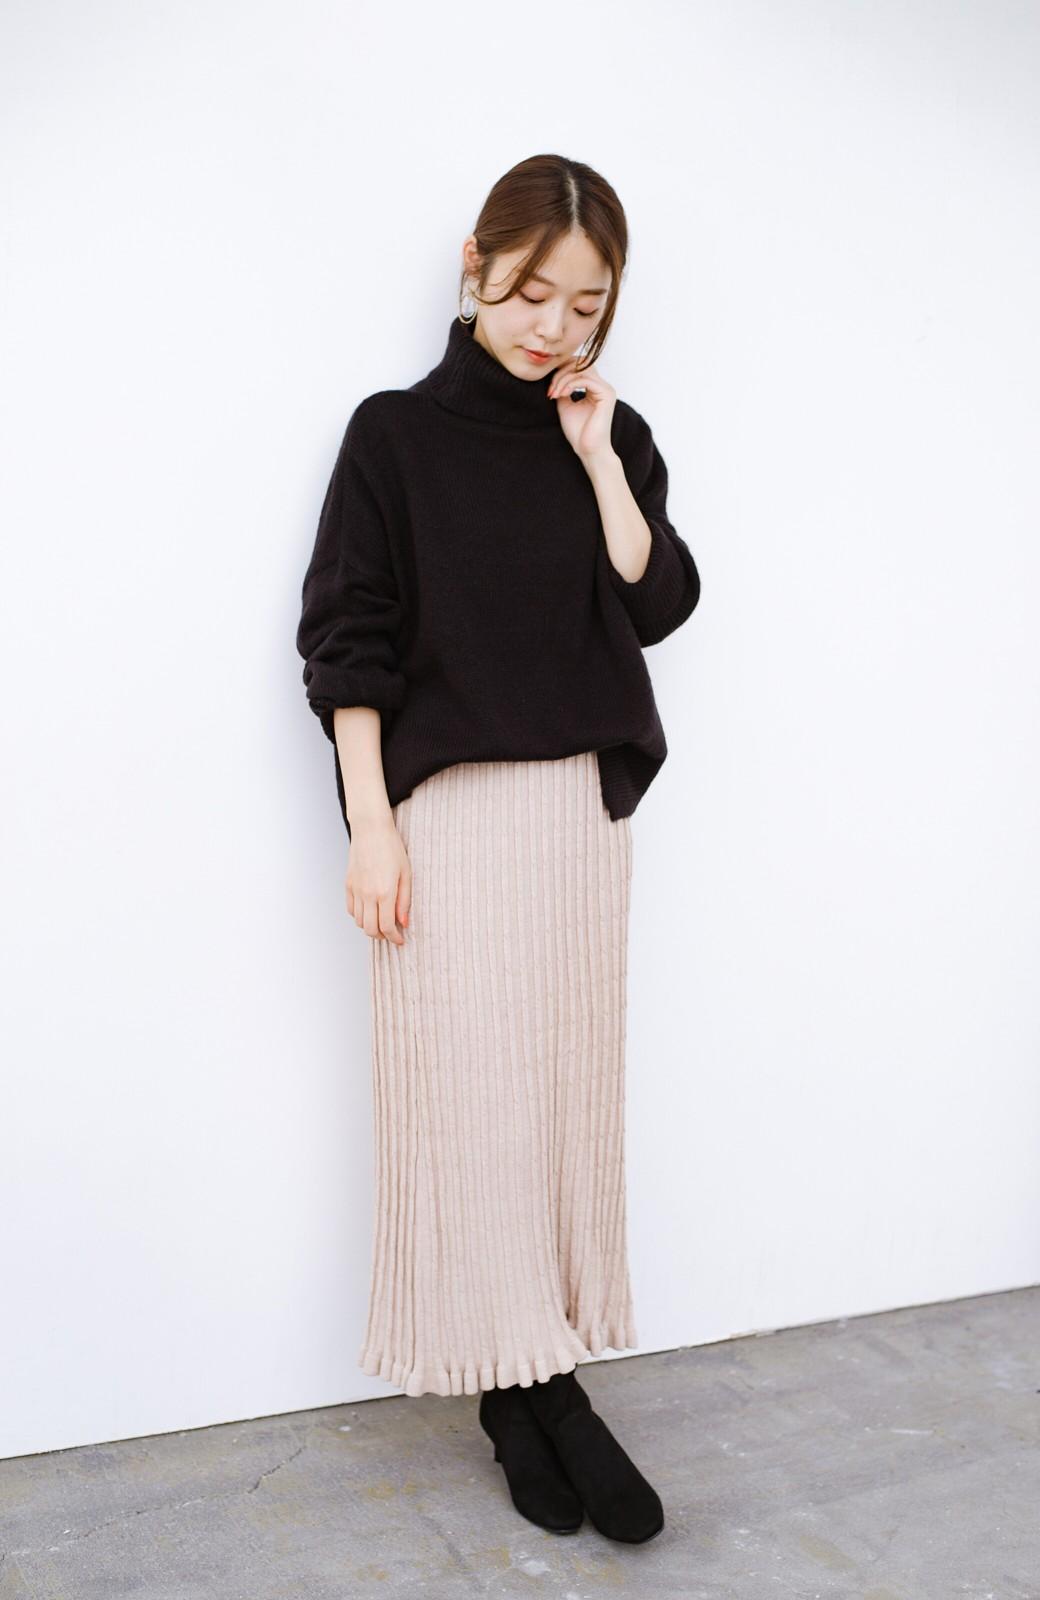 haco! デニムにもスカートにも似合う!すぽっと履けてスタイルアップが叶う女っぽフェイクスエードブーツ <ブラック>の商品写真12